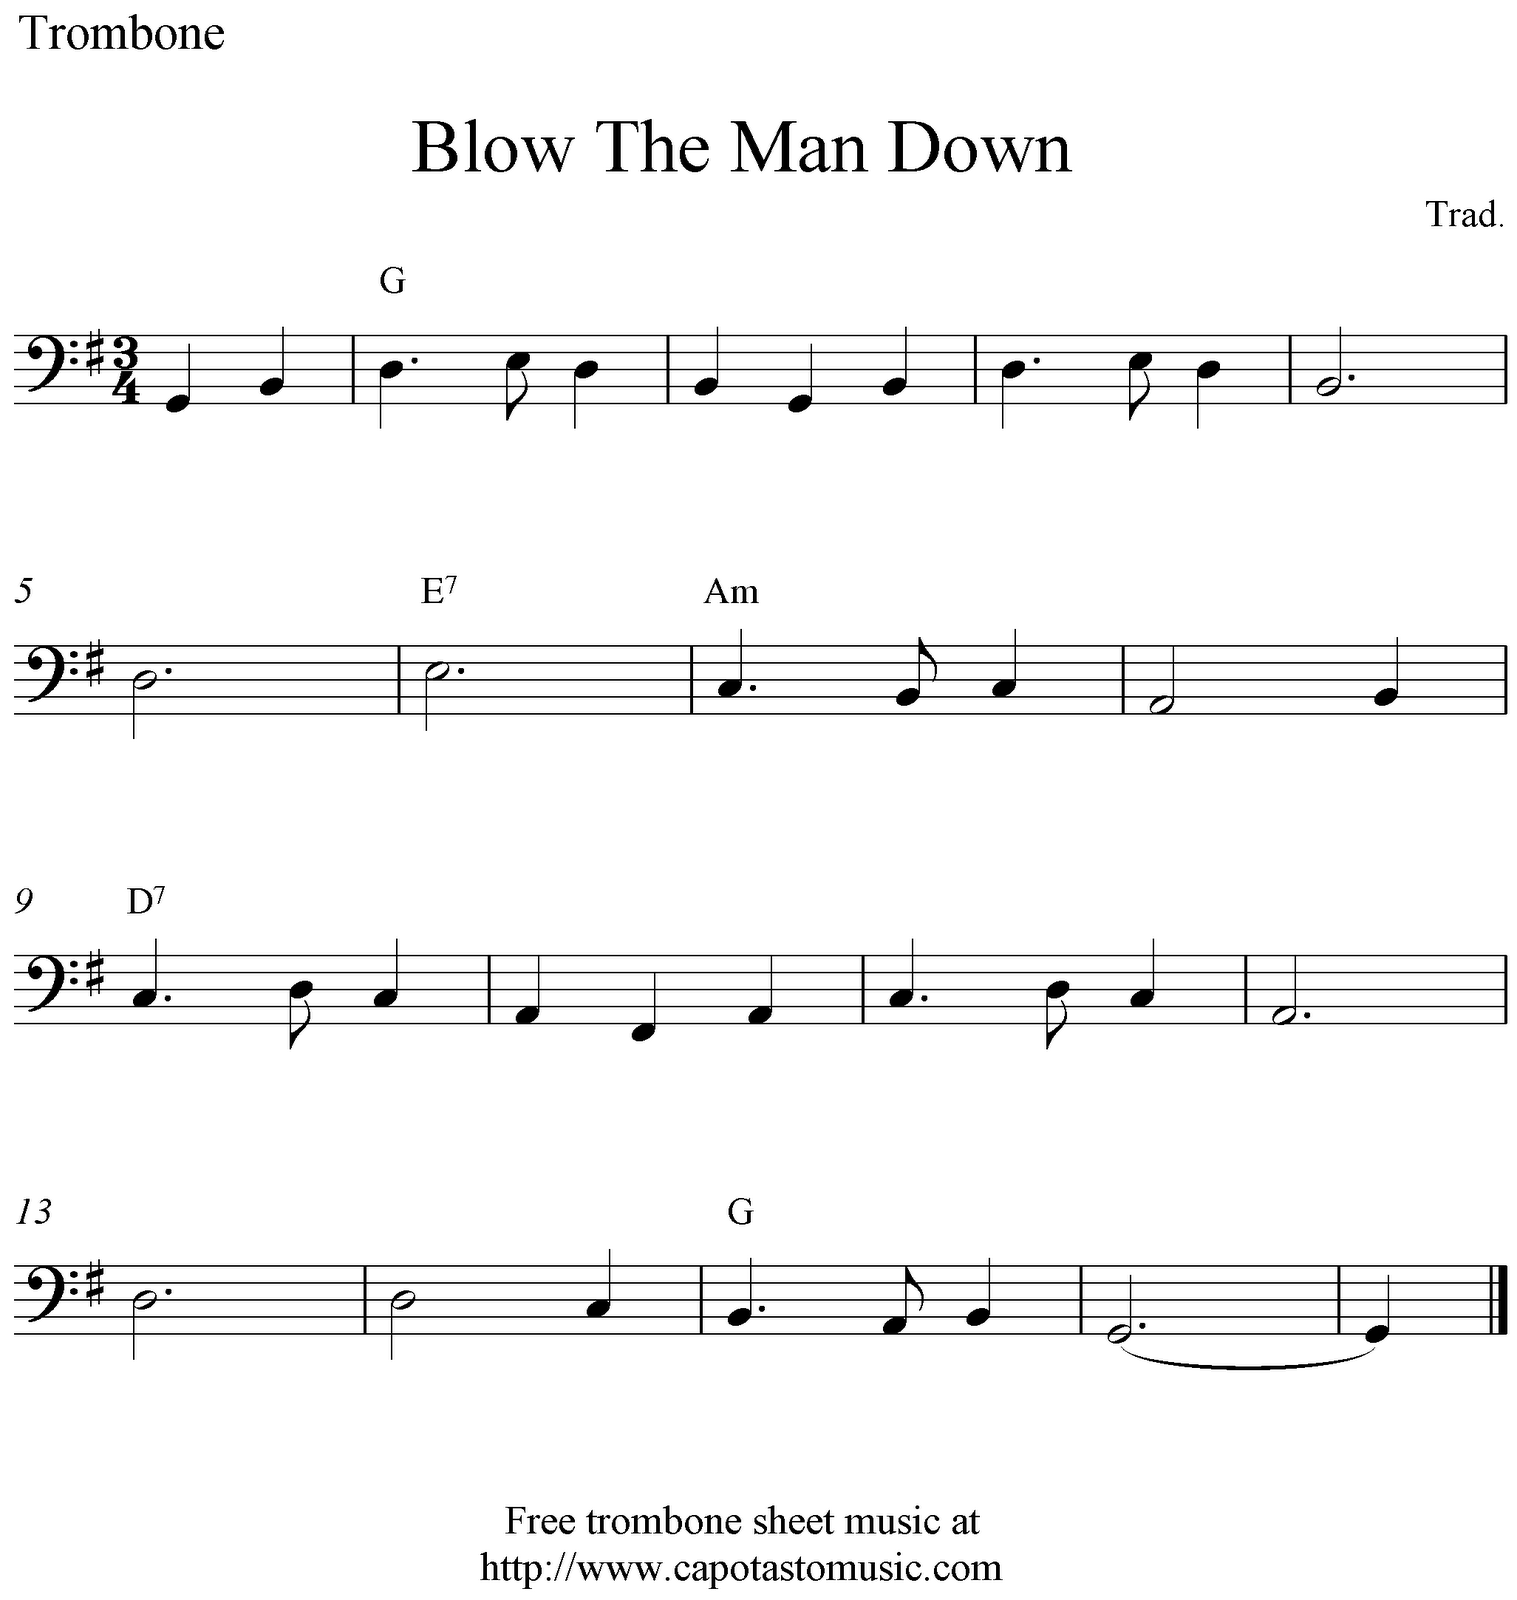 Sheet Music Free Printable Trombone